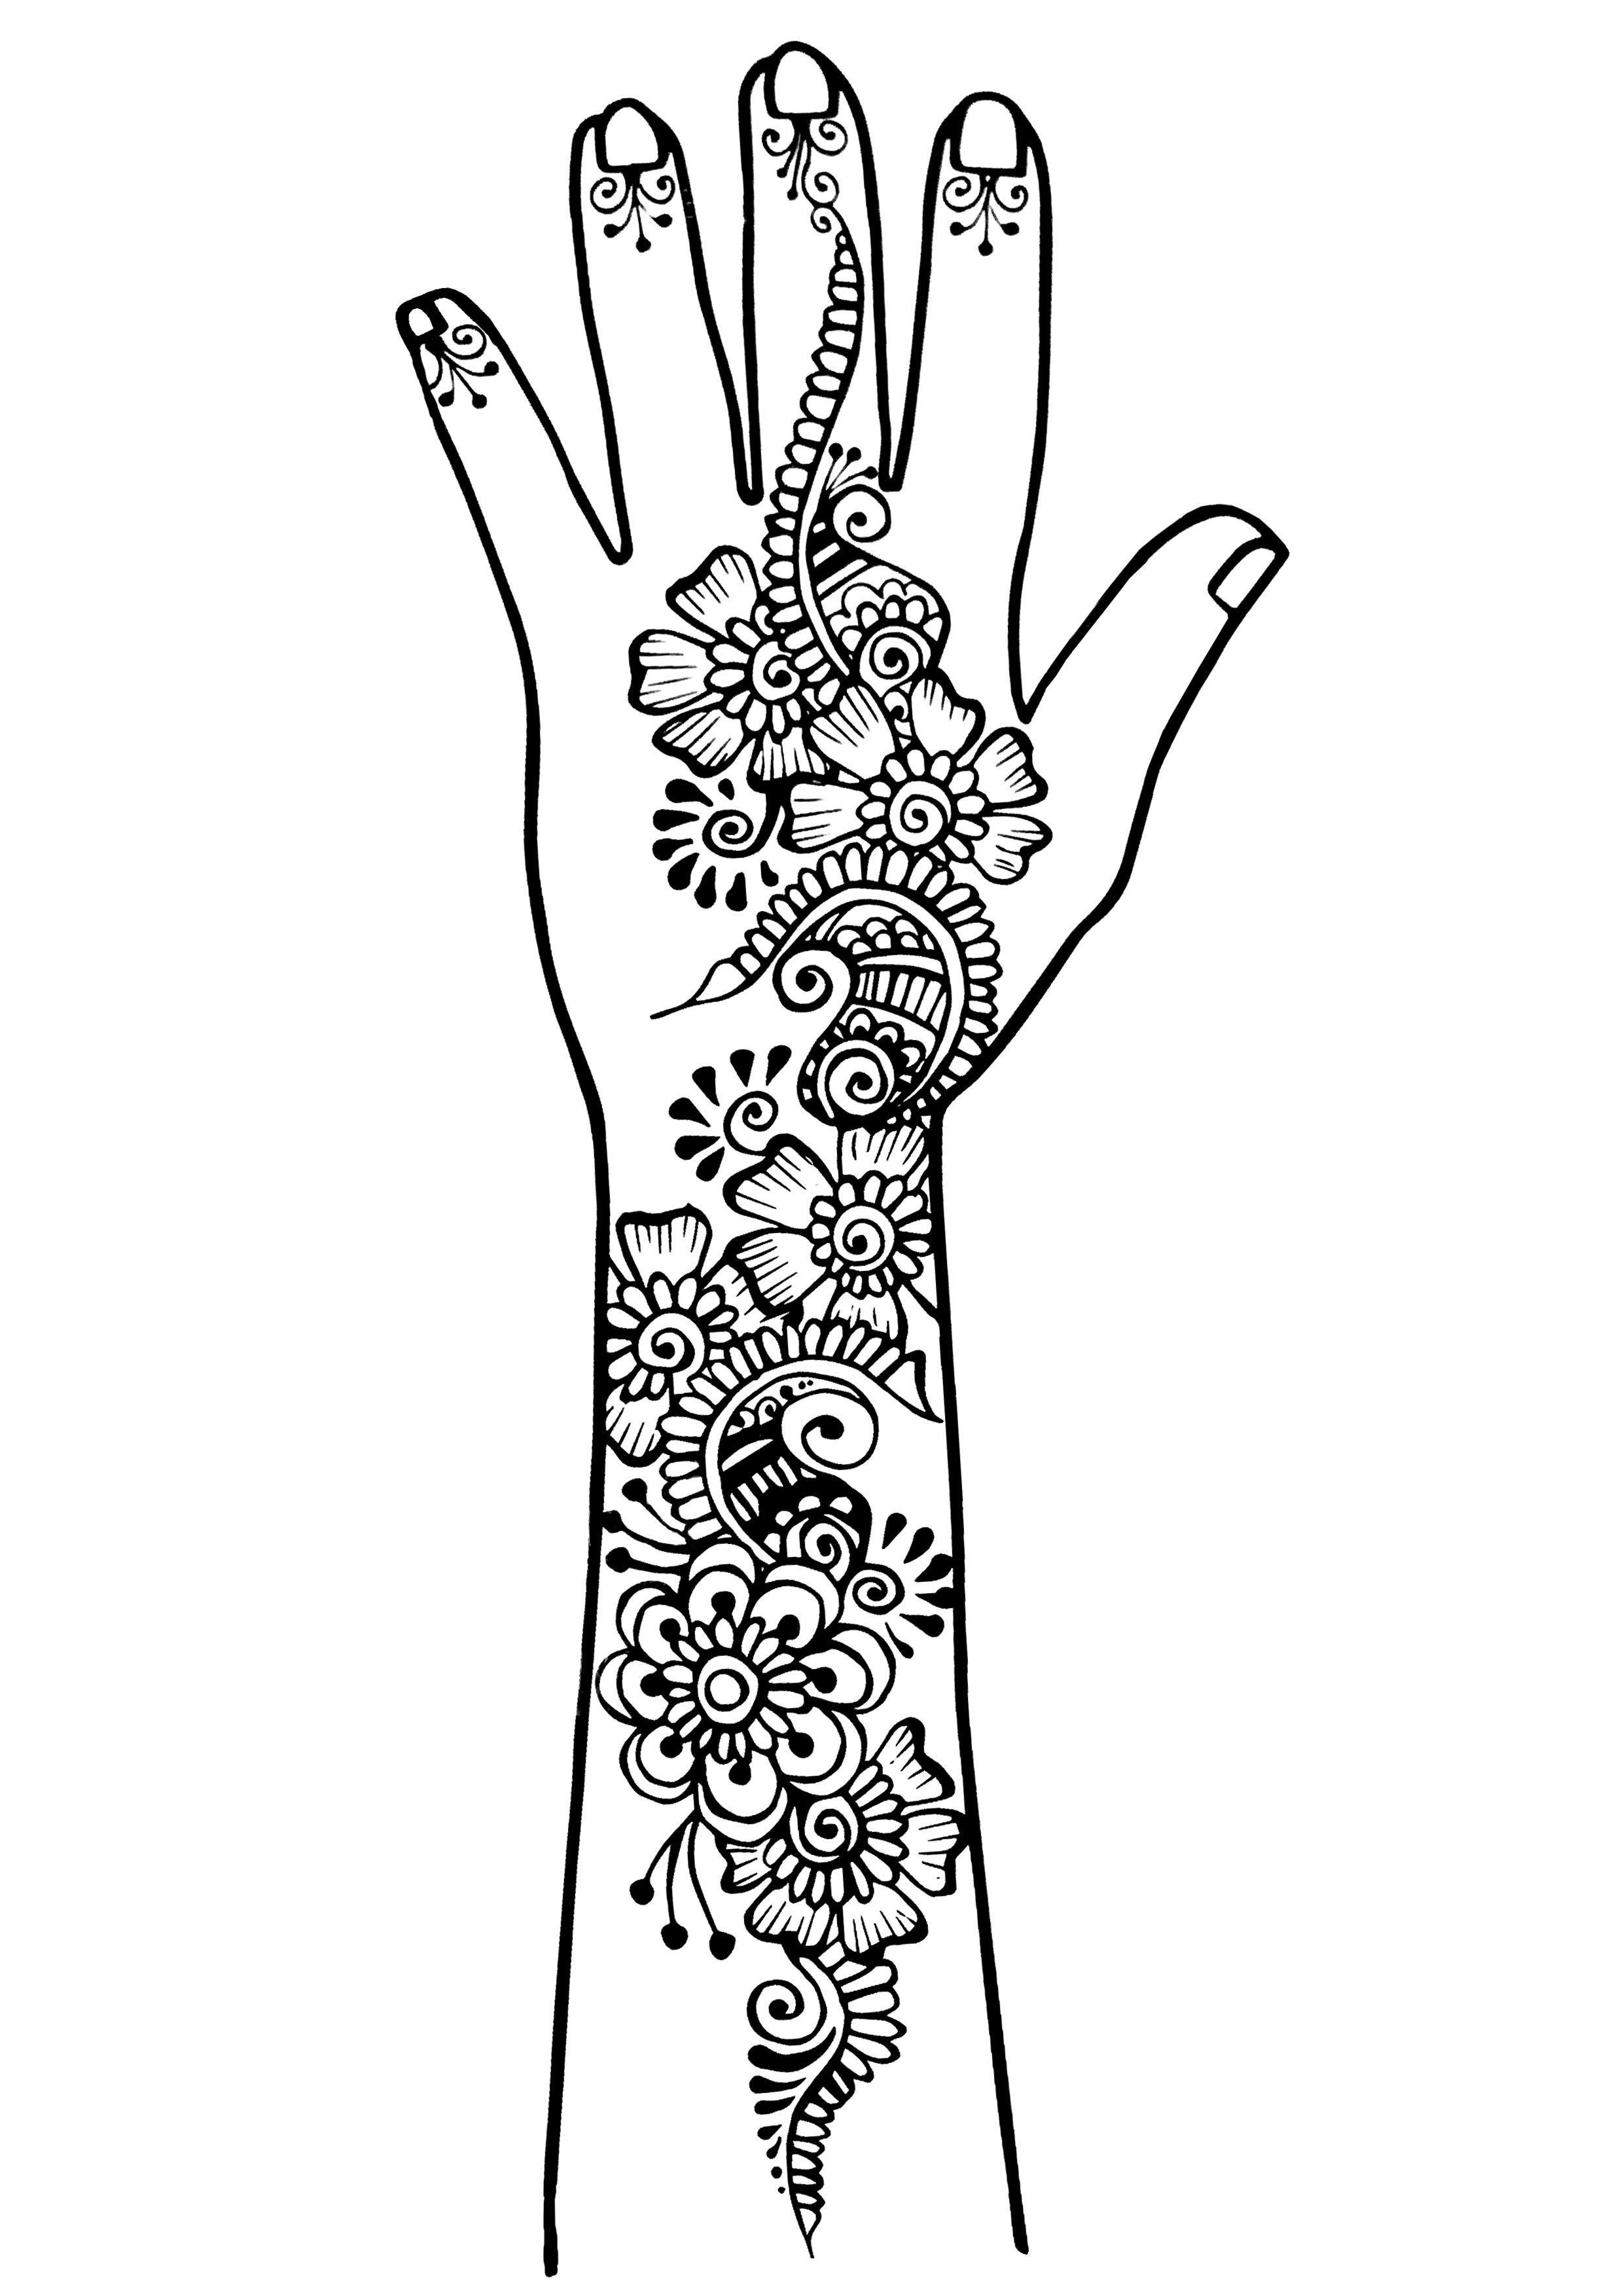 tatouage de bras et main style oriental traits fins a partir de la galerie tatoo l minas. Black Bedroom Furniture Sets. Home Design Ideas